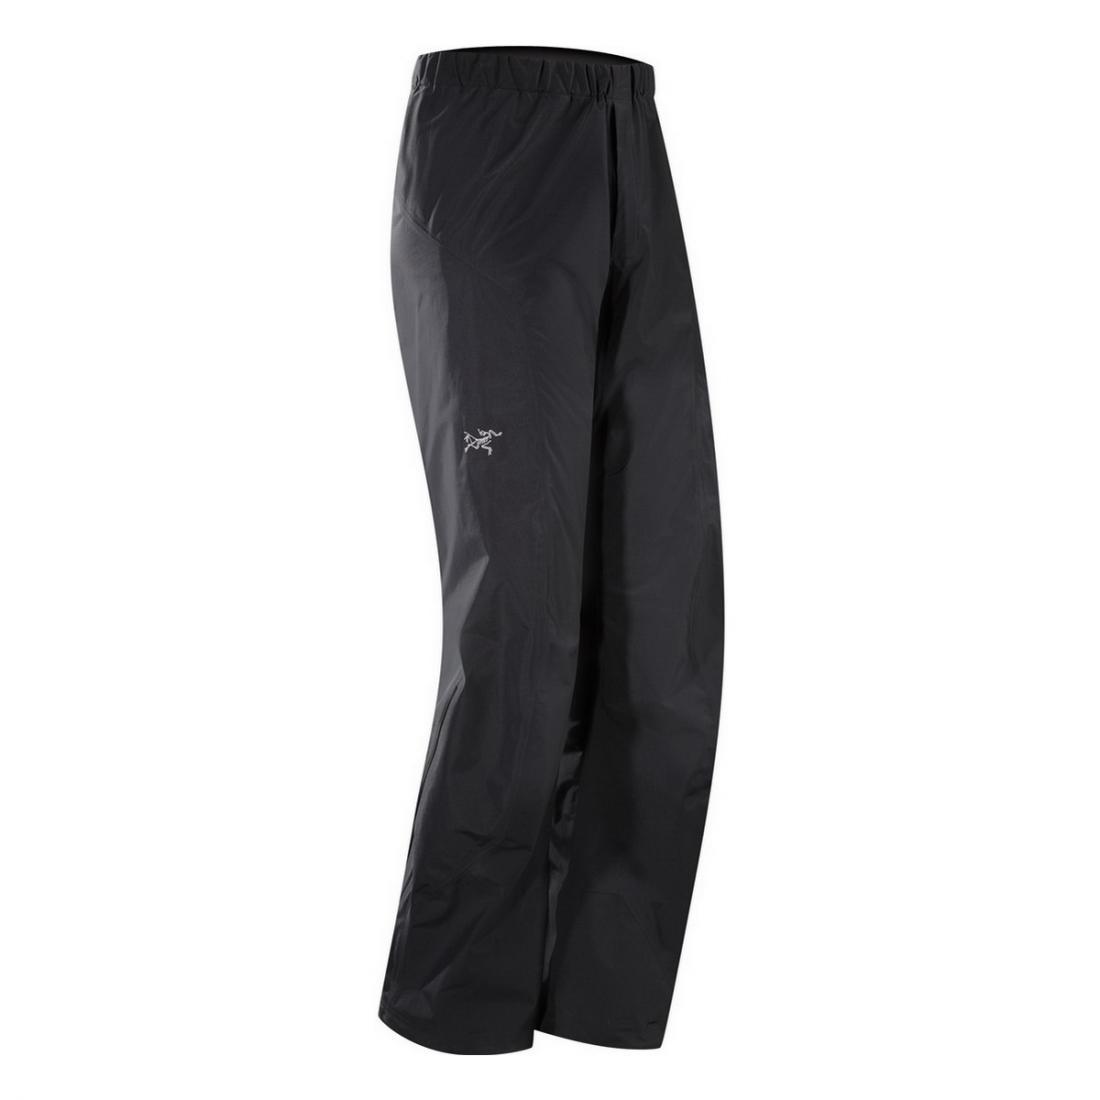 Брюки Beta SL муж.Брюки, штаны<br><br> Arcteryx Beta SL – мужские легкие брюки, которые надежно защищают от непогоды. Они предназначены для тех, кто предпочитает активный отдых на воздухе. <br><br><br>Благодаря влагоотталкивающему материалу GORE-TEX® с технологией Paclite® модель не ...<br><br>Цвет: Черный<br>Размер: XL